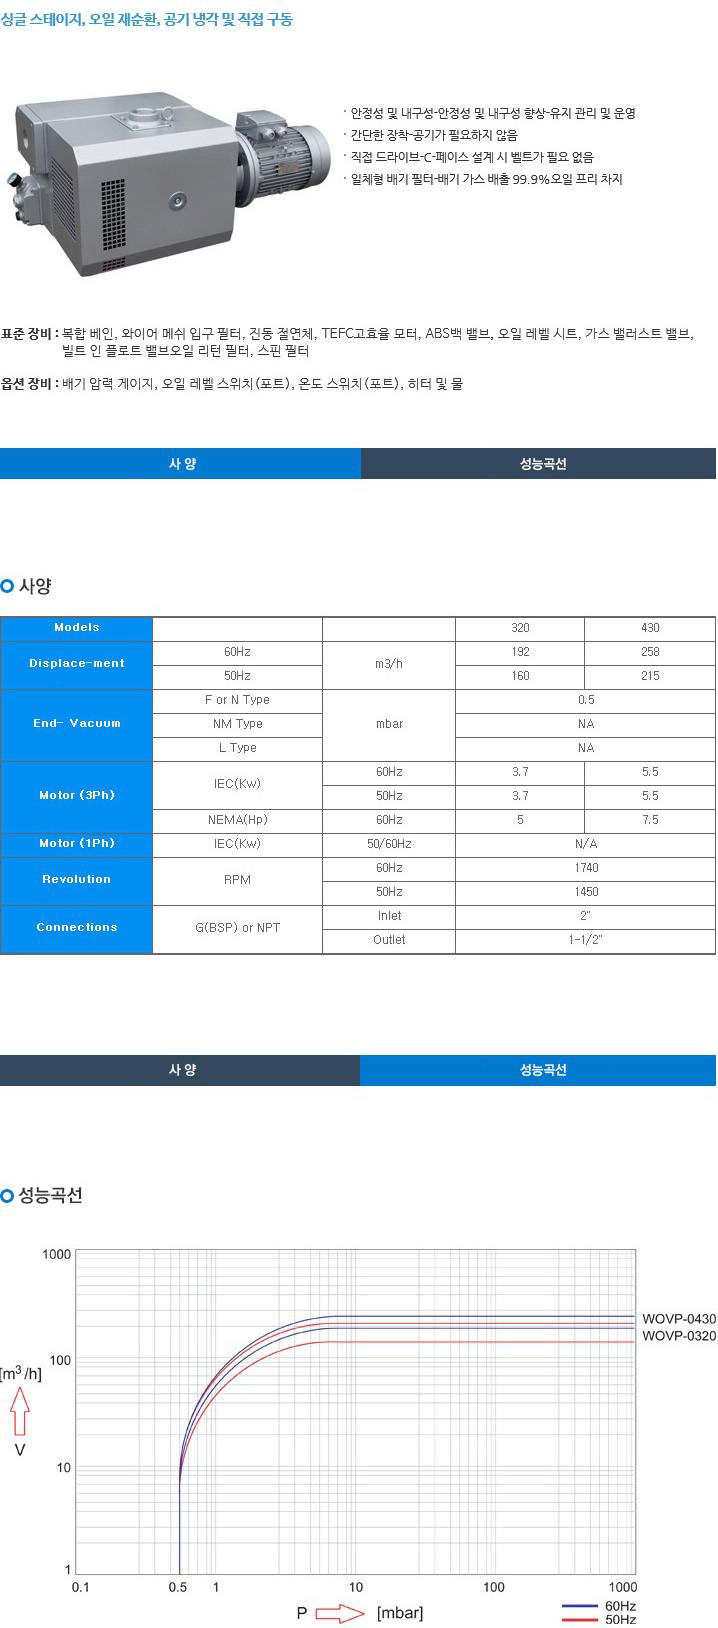 원창진공(주)  WOVP-0320/0430 1